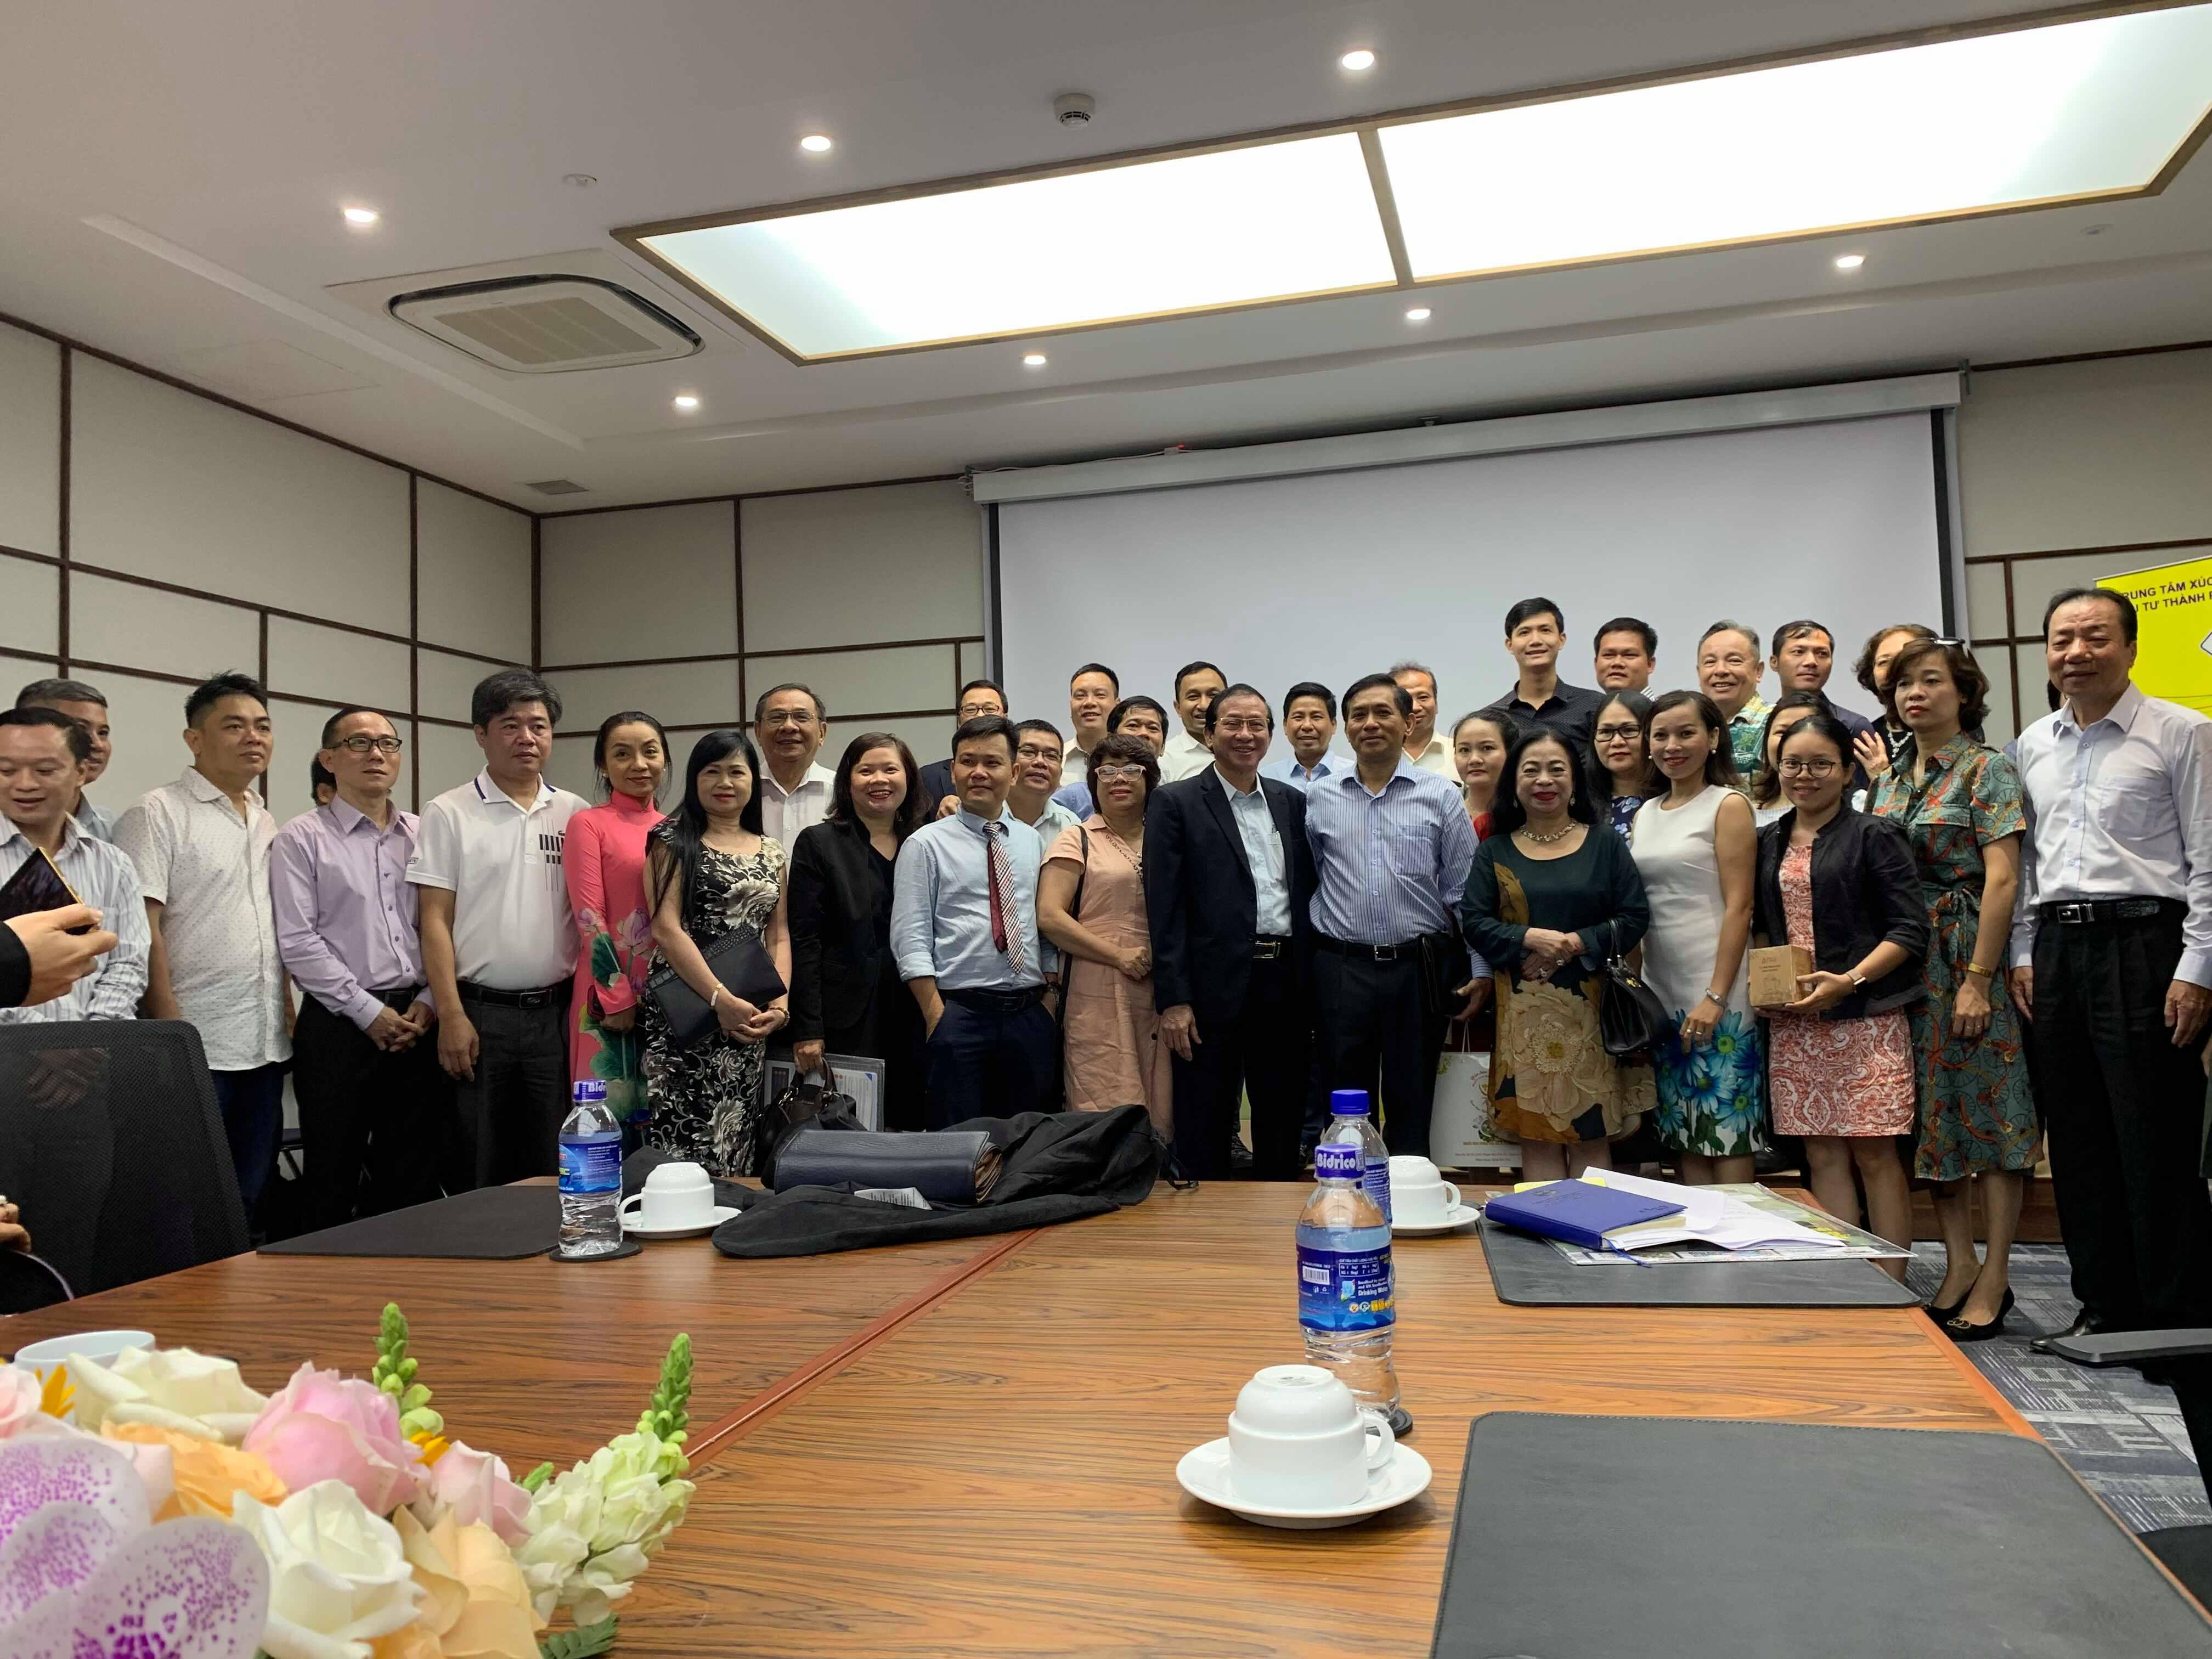 Đại diện Anni Coffee cùng các doanh nghiệp Việt chụp ảnh lưu niệm cùng Tân Tổng lãnh sự Việt Nam tại Hoa Kỳ